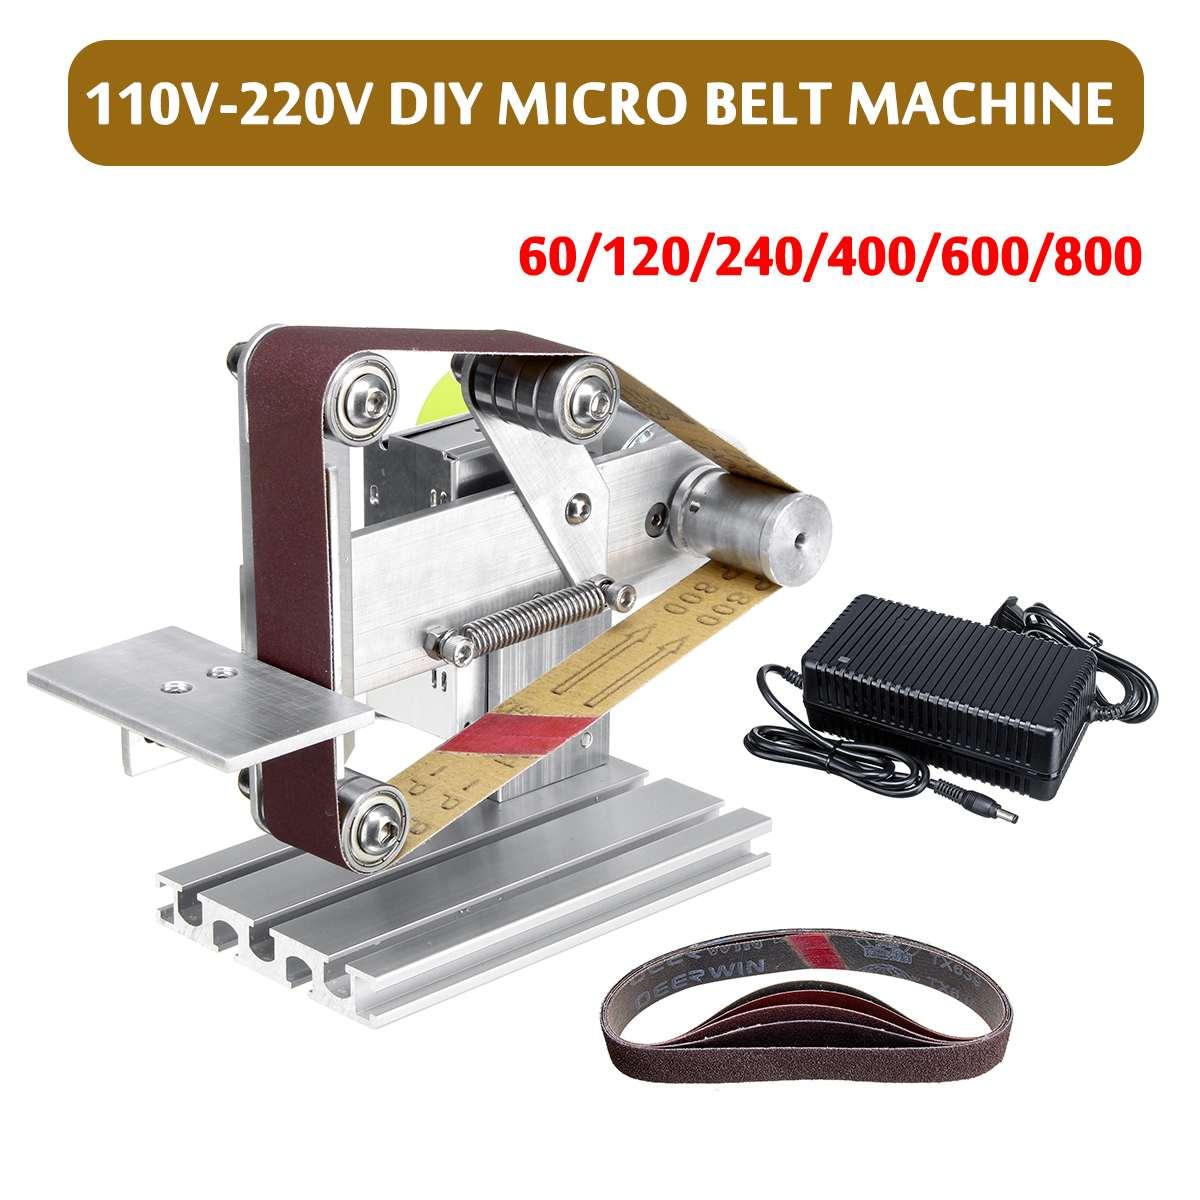 110 V-220 V 250 w Elétrica DIY Mini Lixadeira Polimento Máquina de Moer Espada Livre 6x60 /120/240/400/600/800 Malha Correia Abrasiva